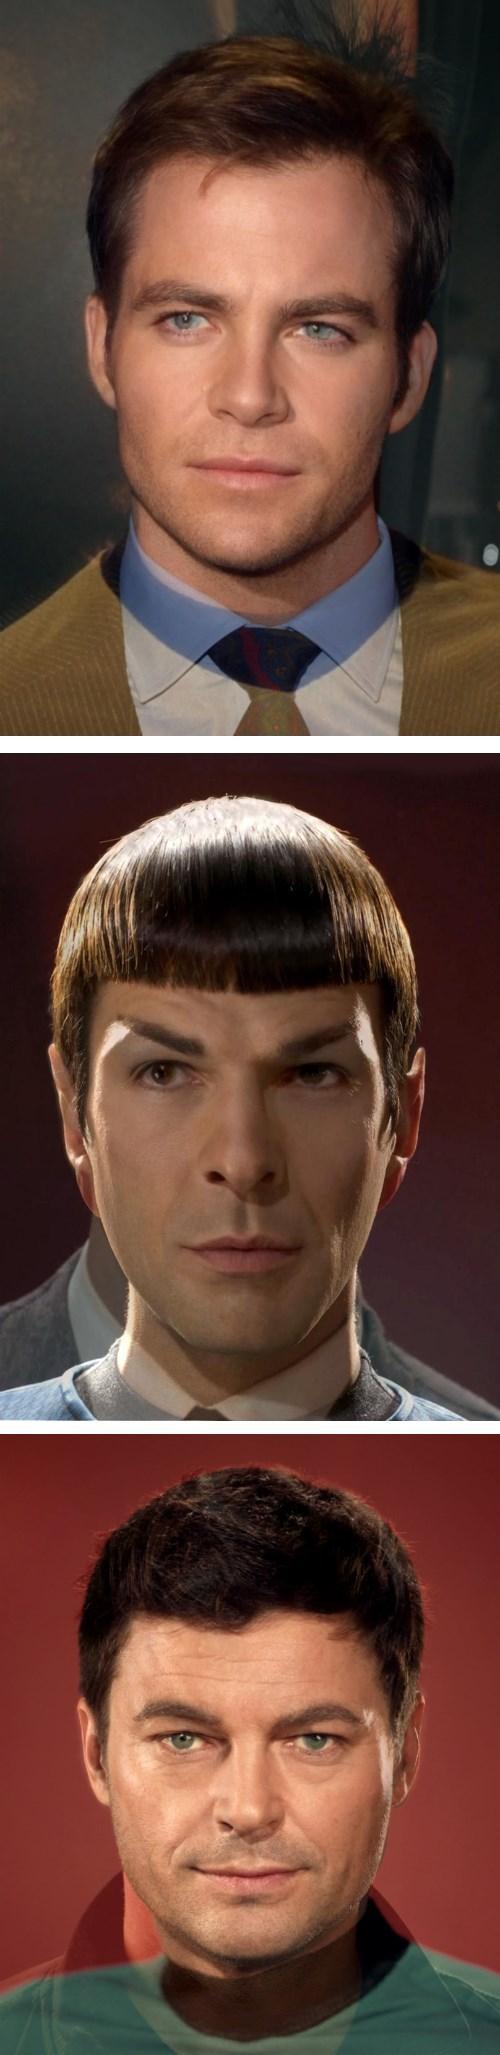 Spock,bones mccoy,kirk,Star Trek